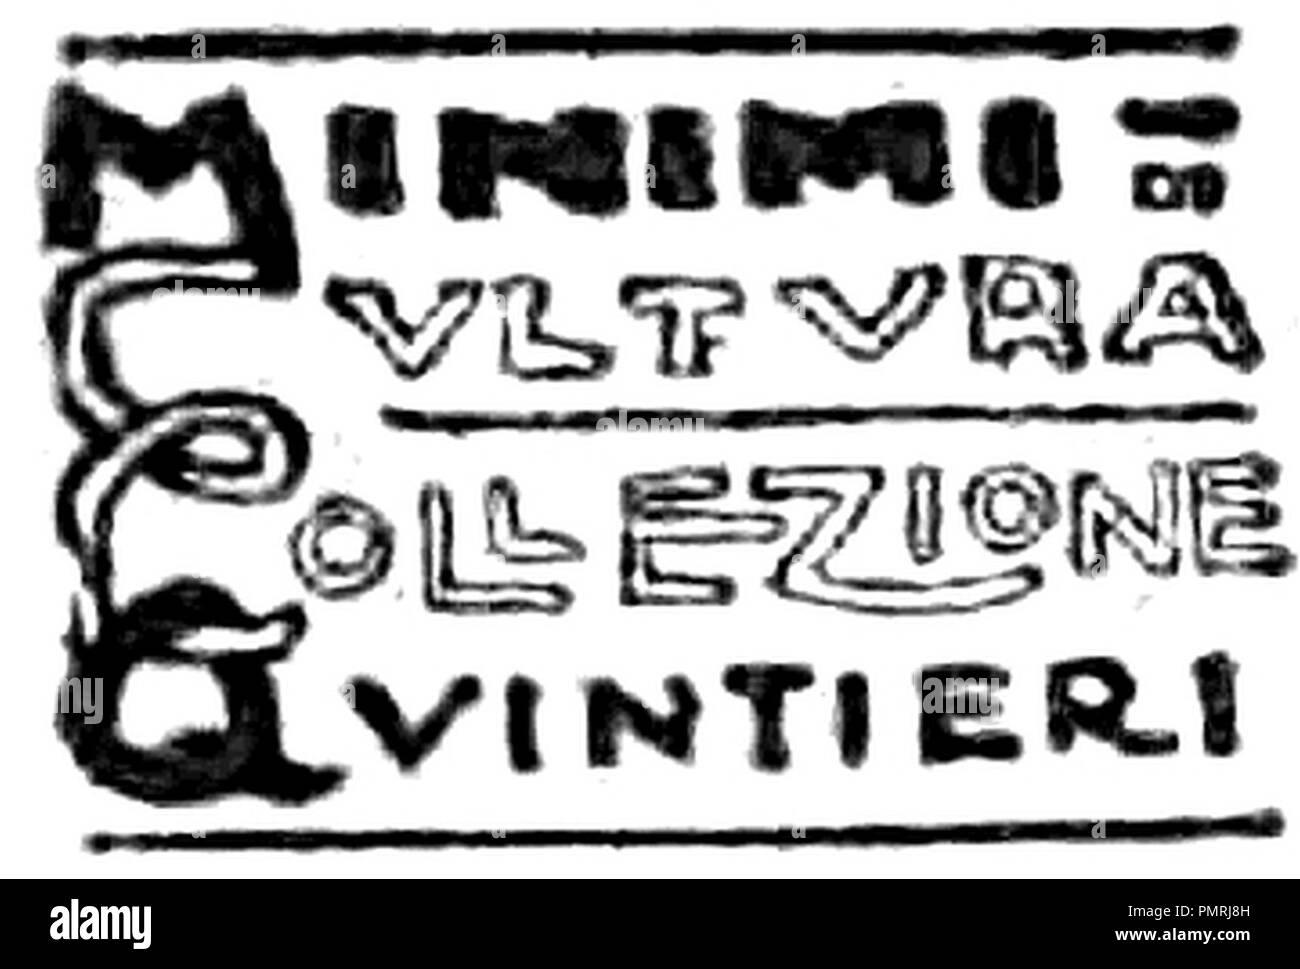 Bisi - Poetesse d'Italia Milano Quintieri 1916 (page 1 crop). - Stock Image